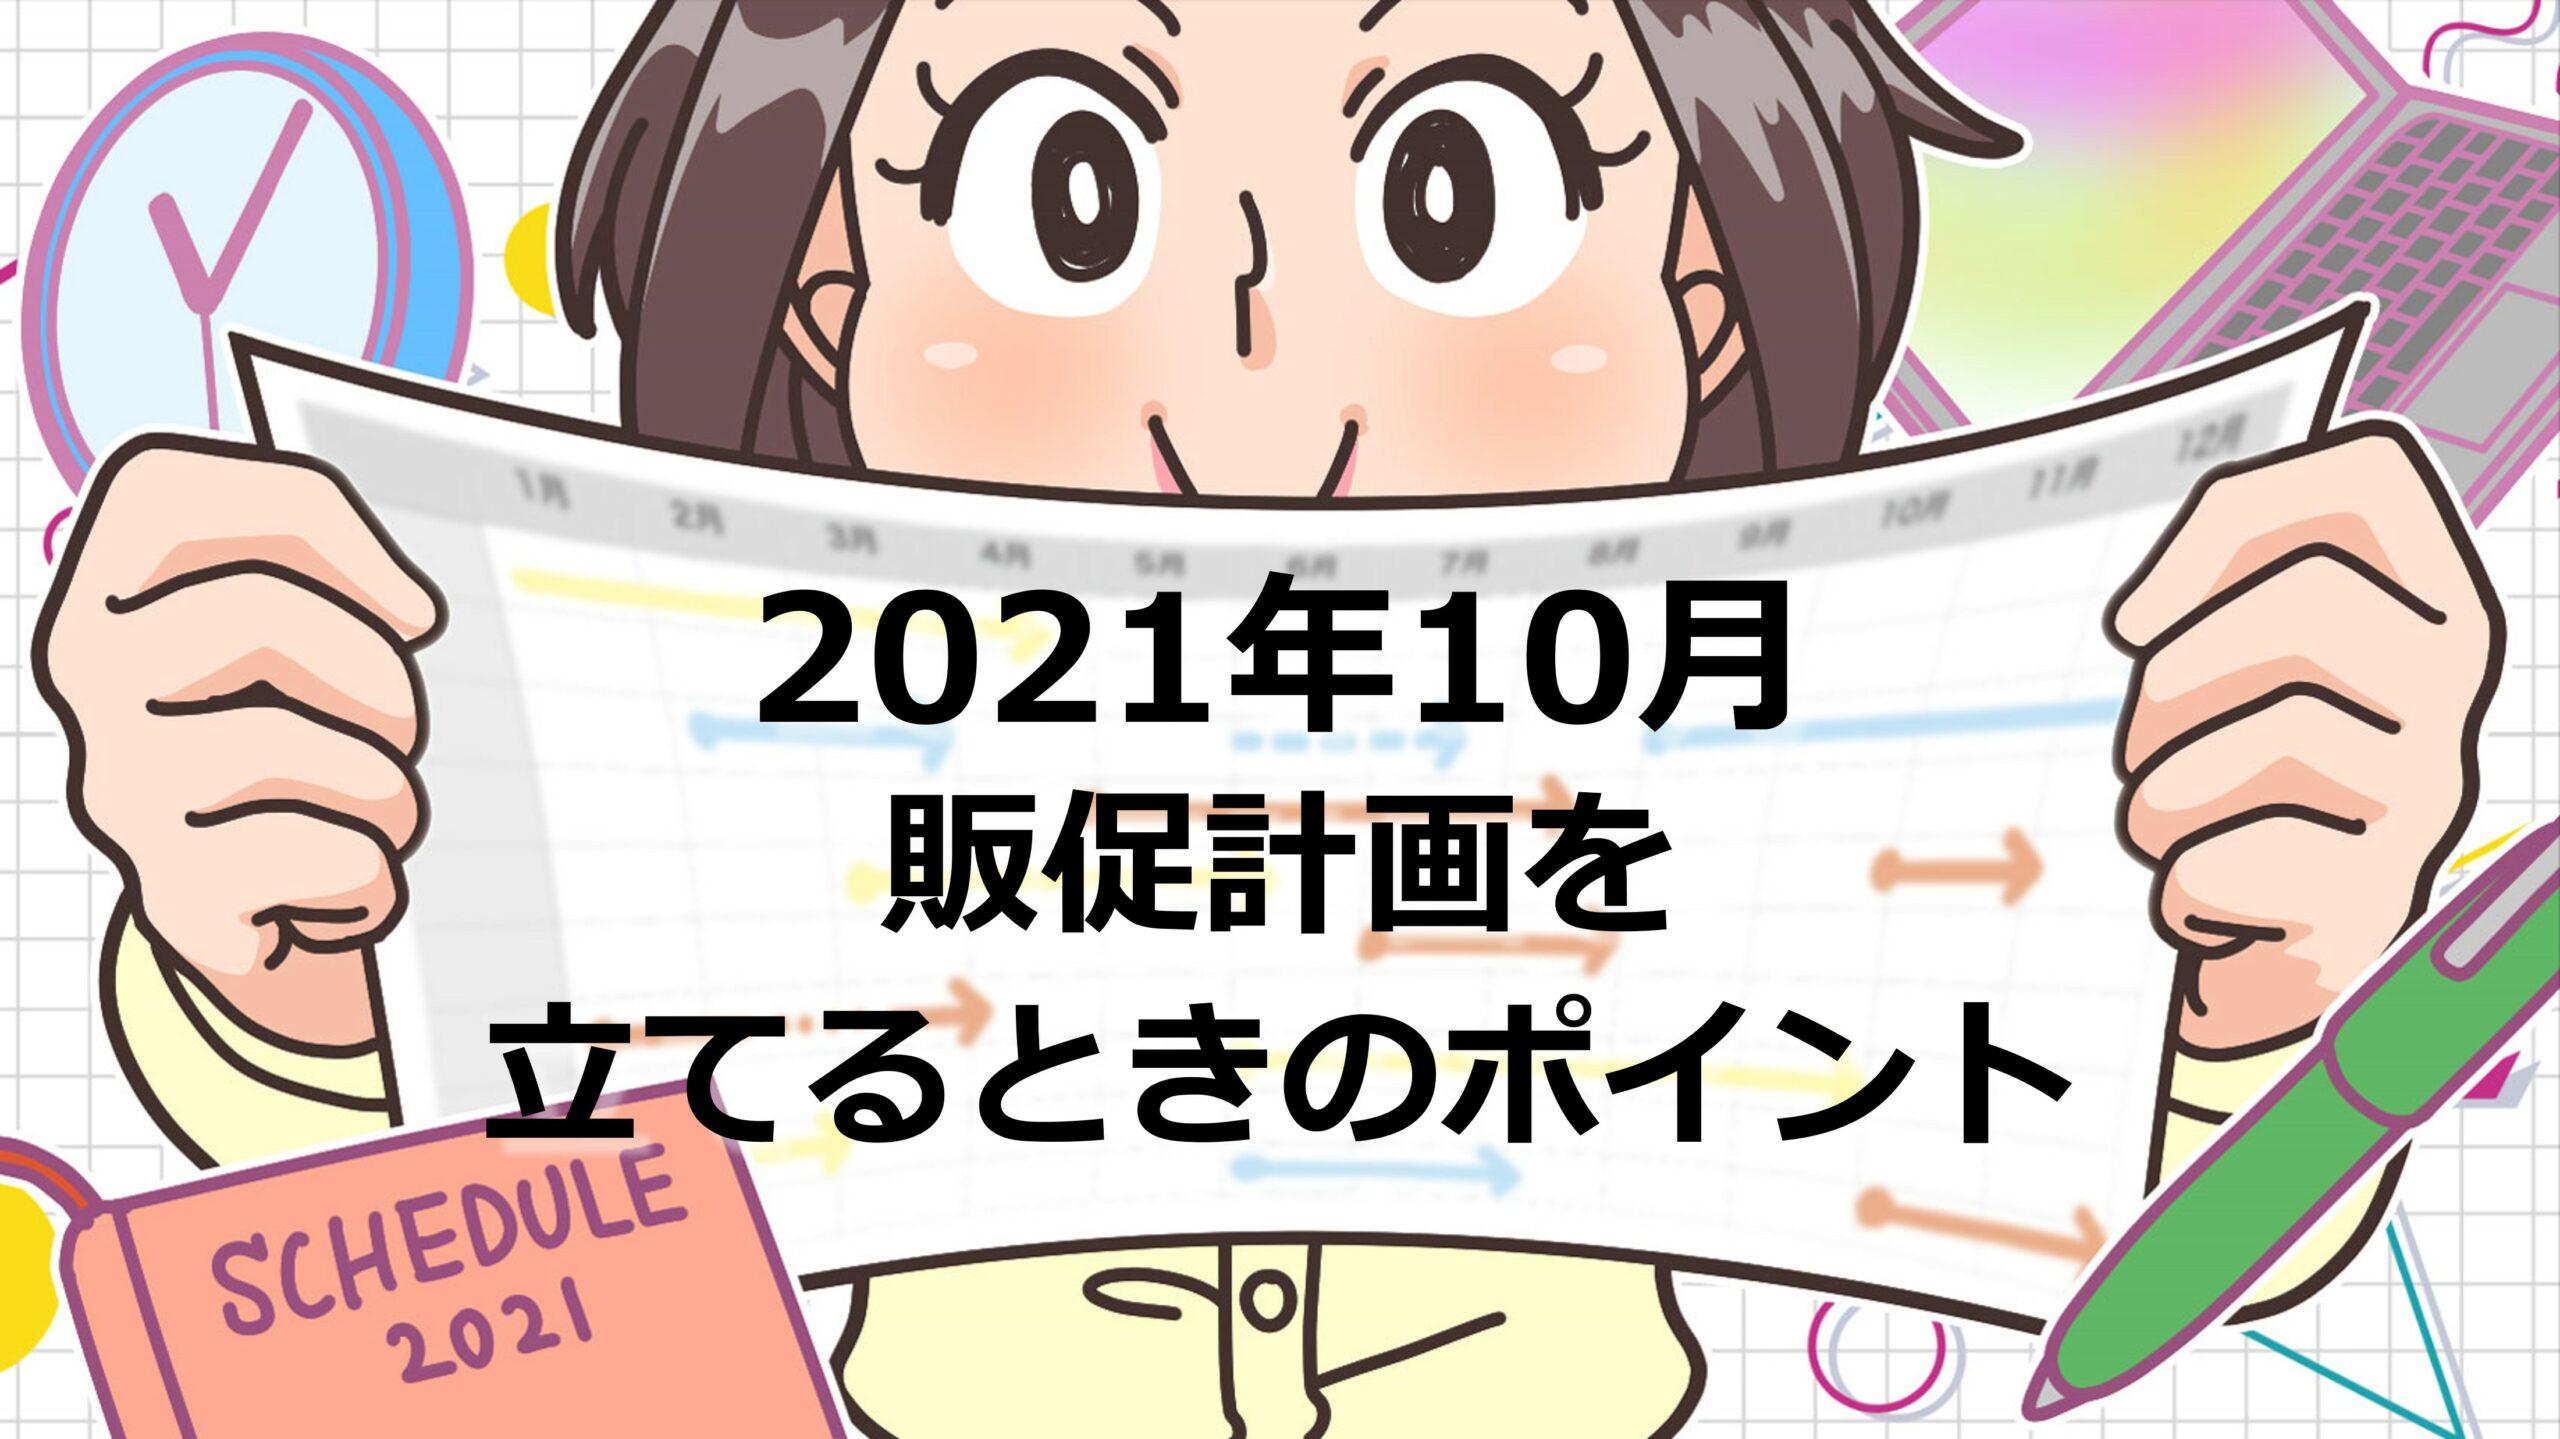 2021年10月の販促計画を立てるときのポイント